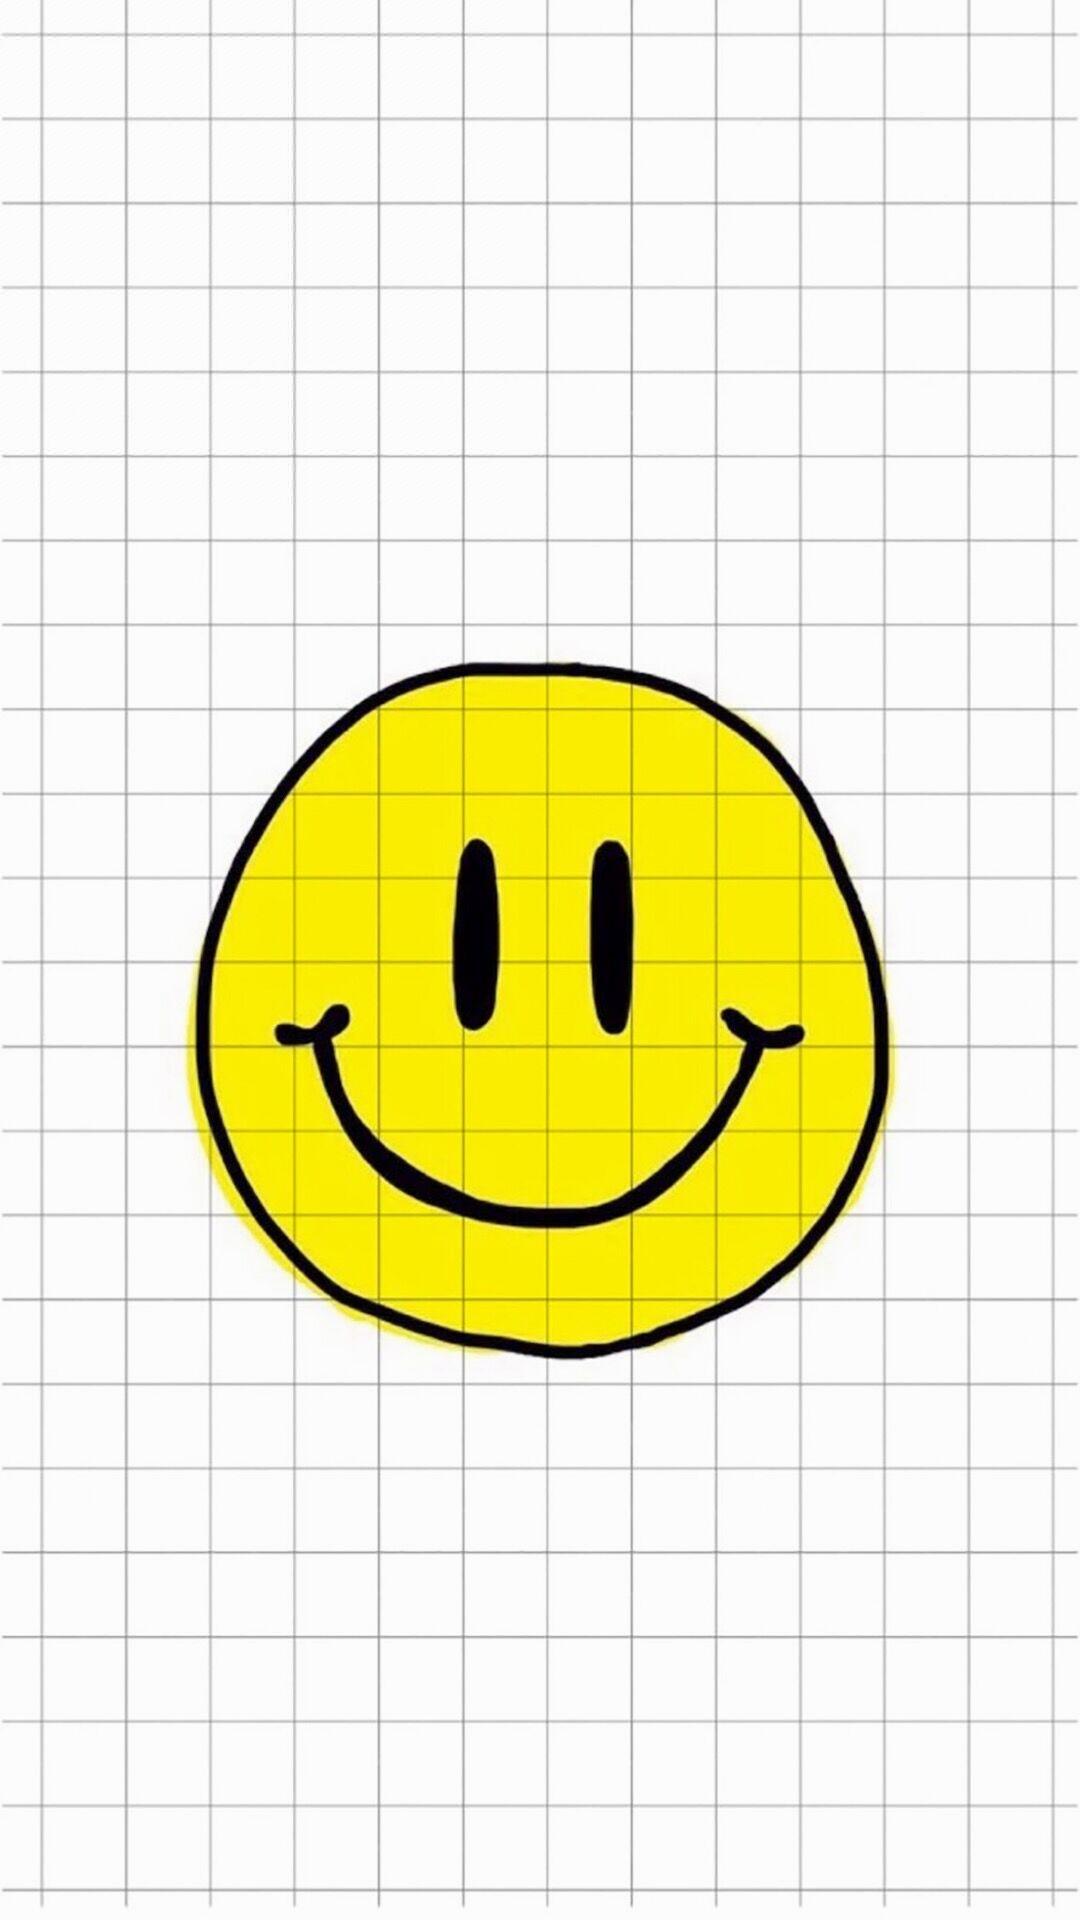 表情 可爱笑脸图片萌萌哒简笔画 皮皮网 表情